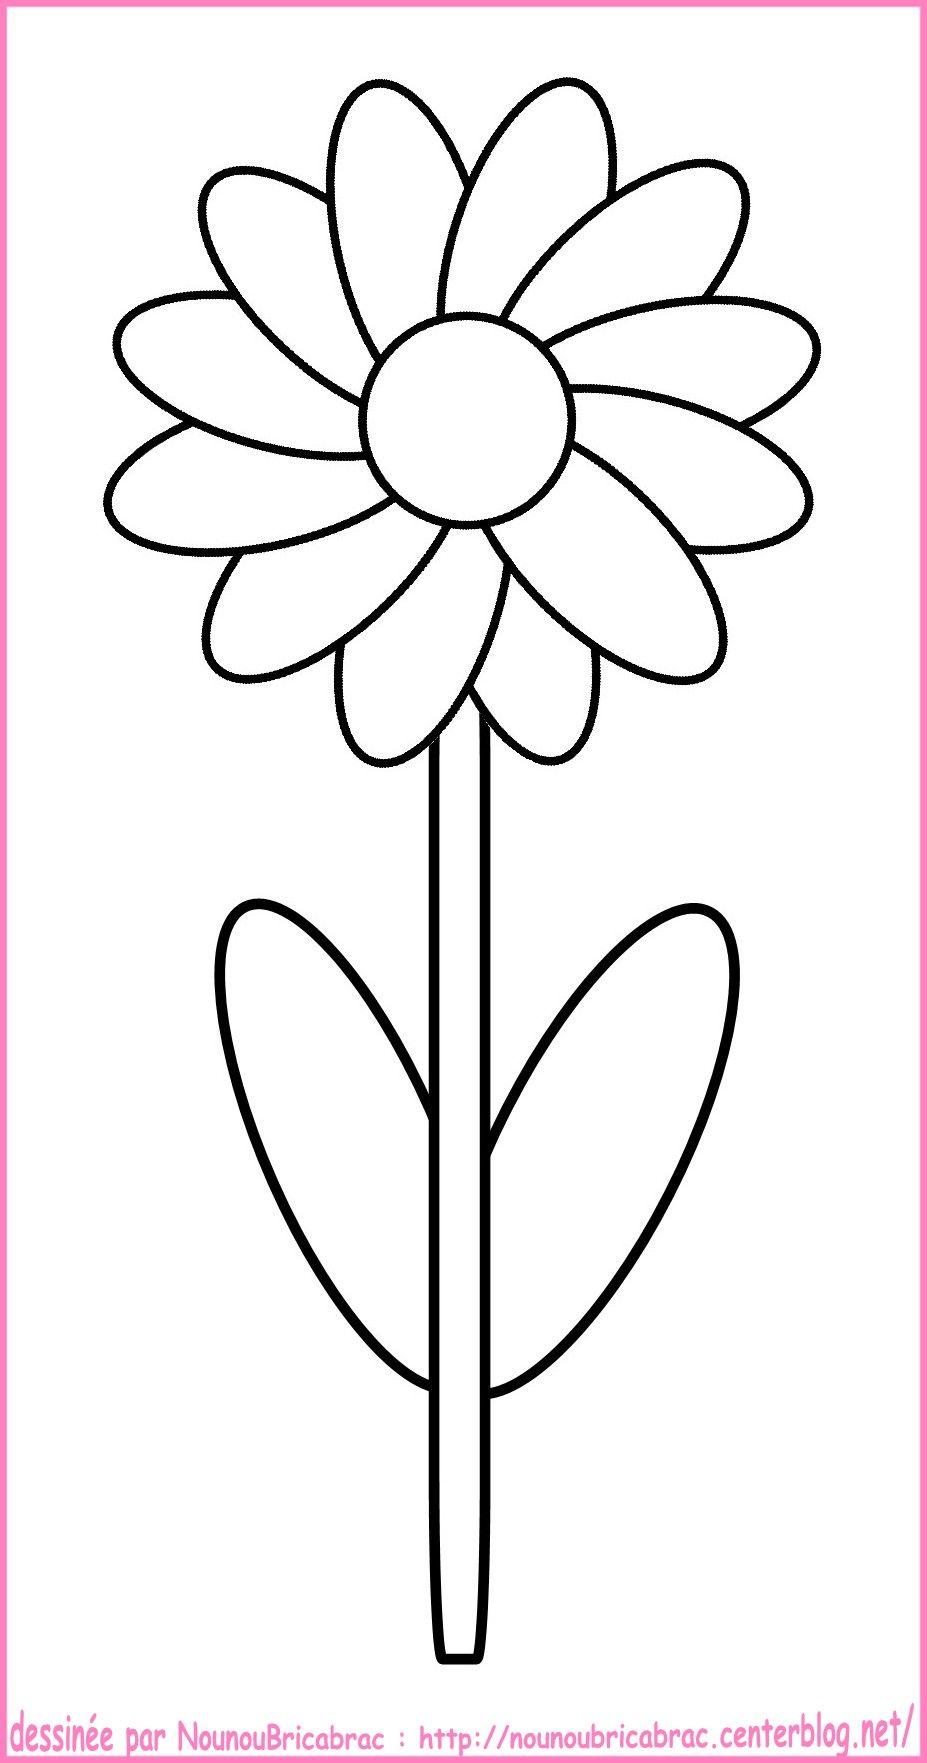 Coloriage Fleur Tps.Fleur Coloriage Simple Cicek Coloriage Printemps